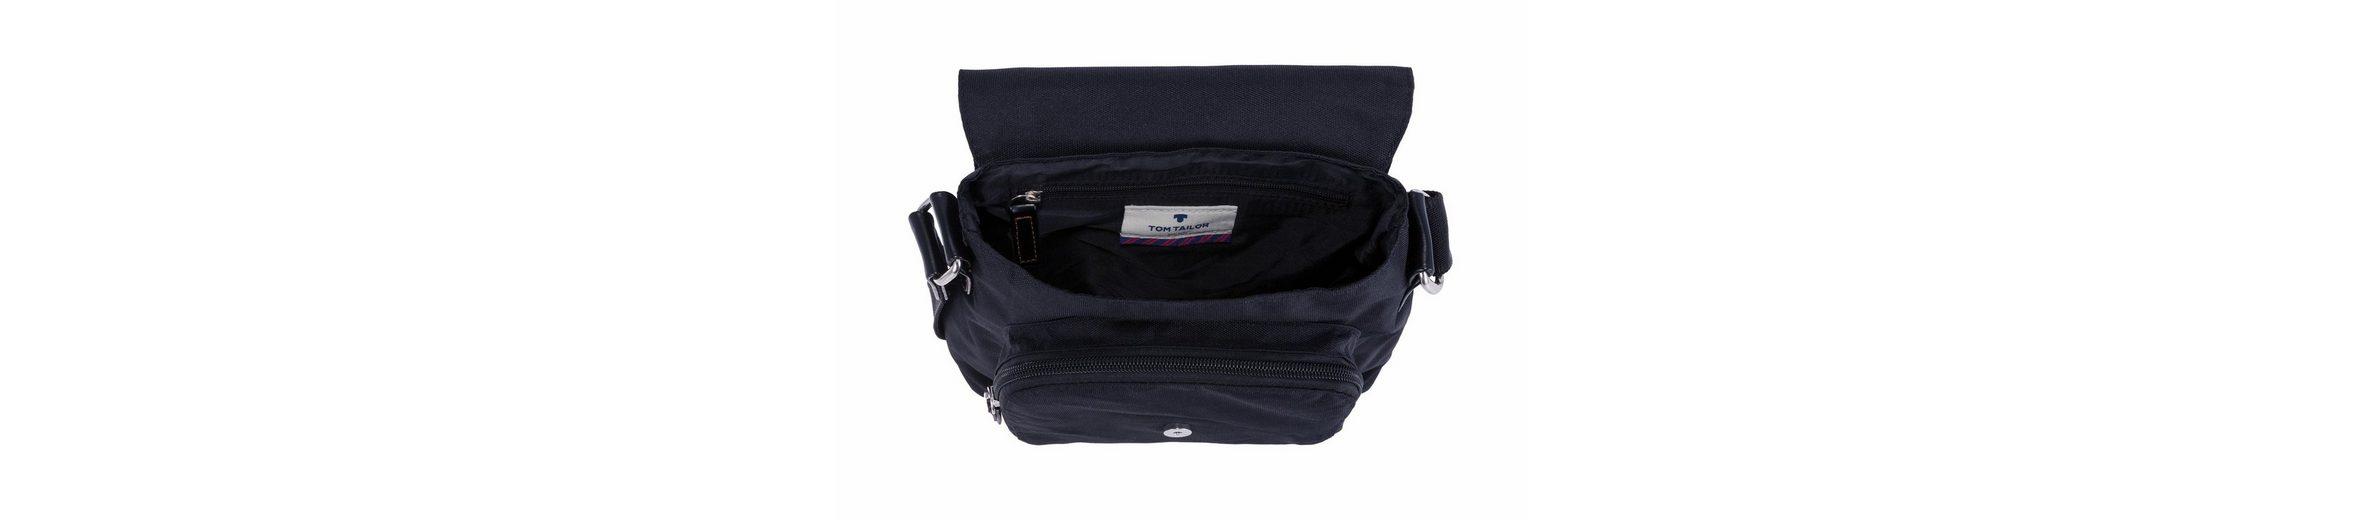 Tom Tailor Umhängetasche, Crossbody Bag mit Zierschnalle